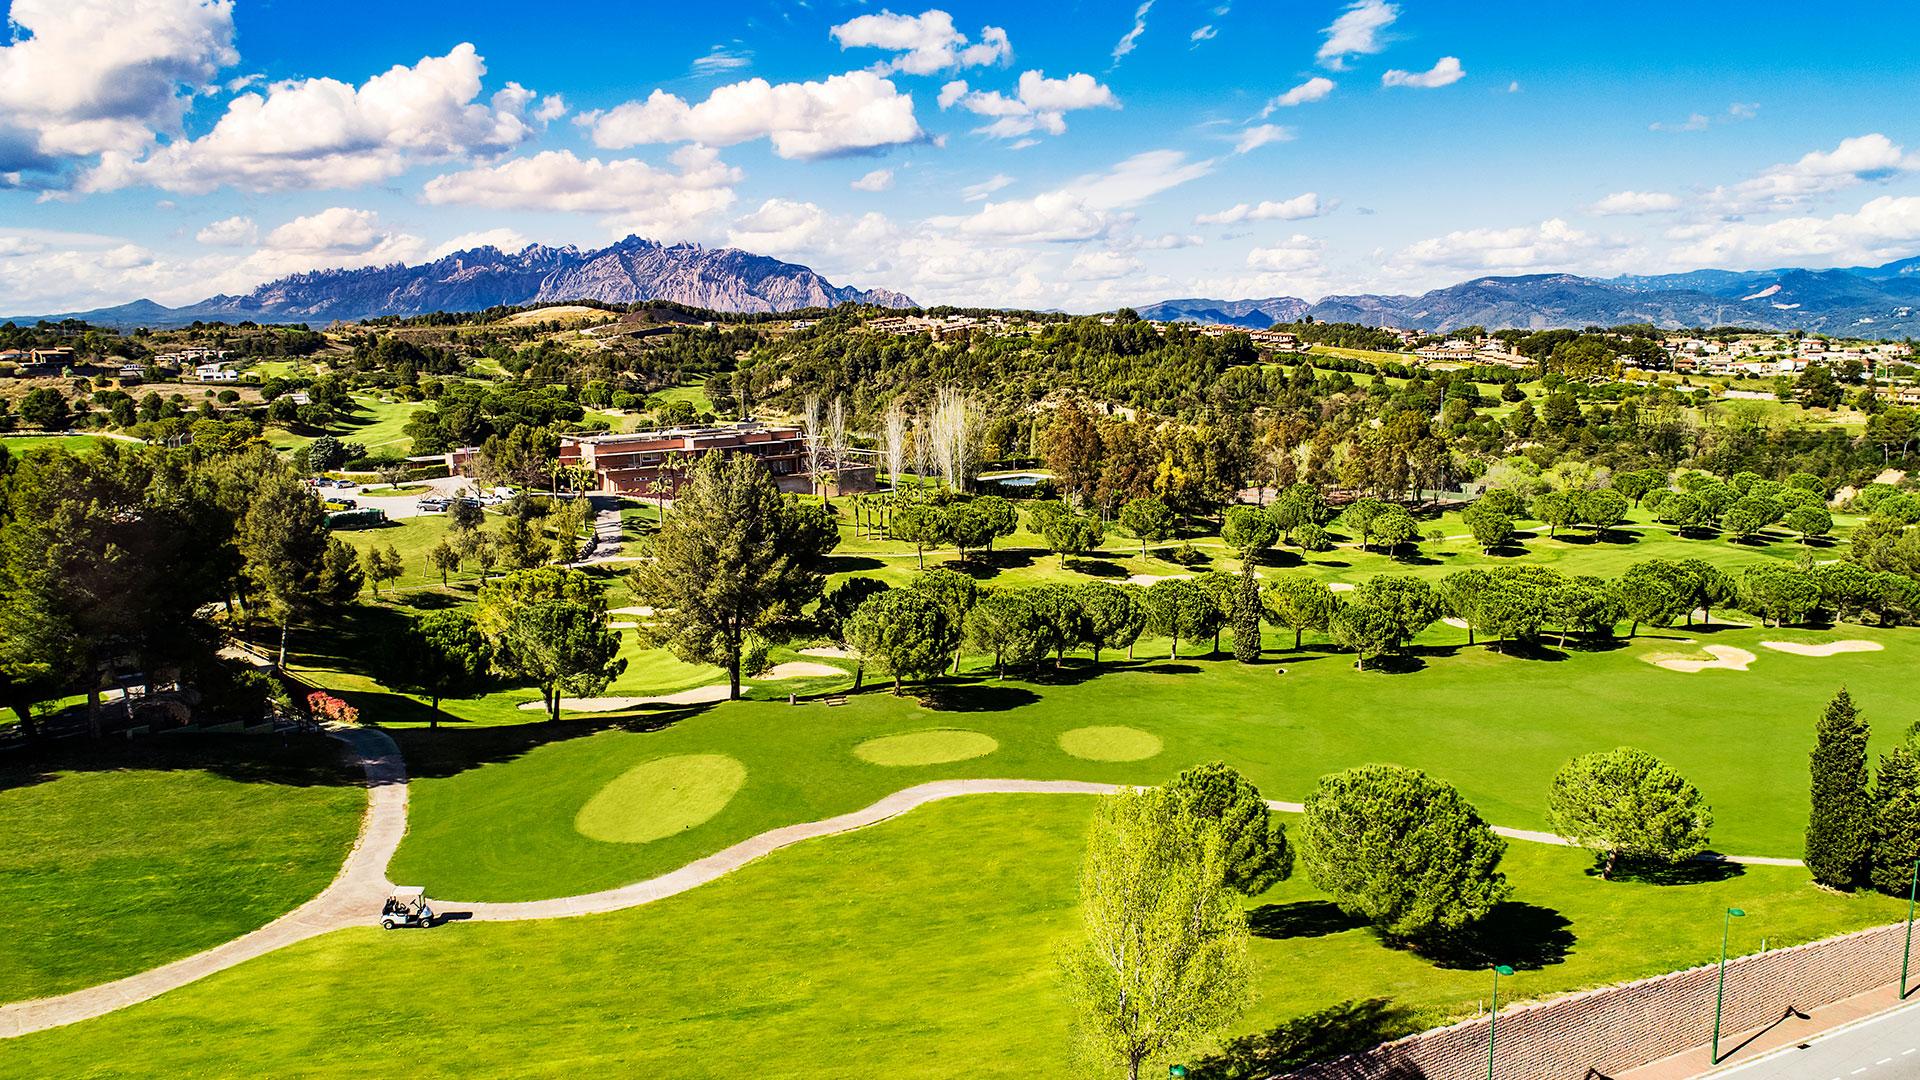 campo de golf barcelona vistas al campo casa club y montaña de montserrat